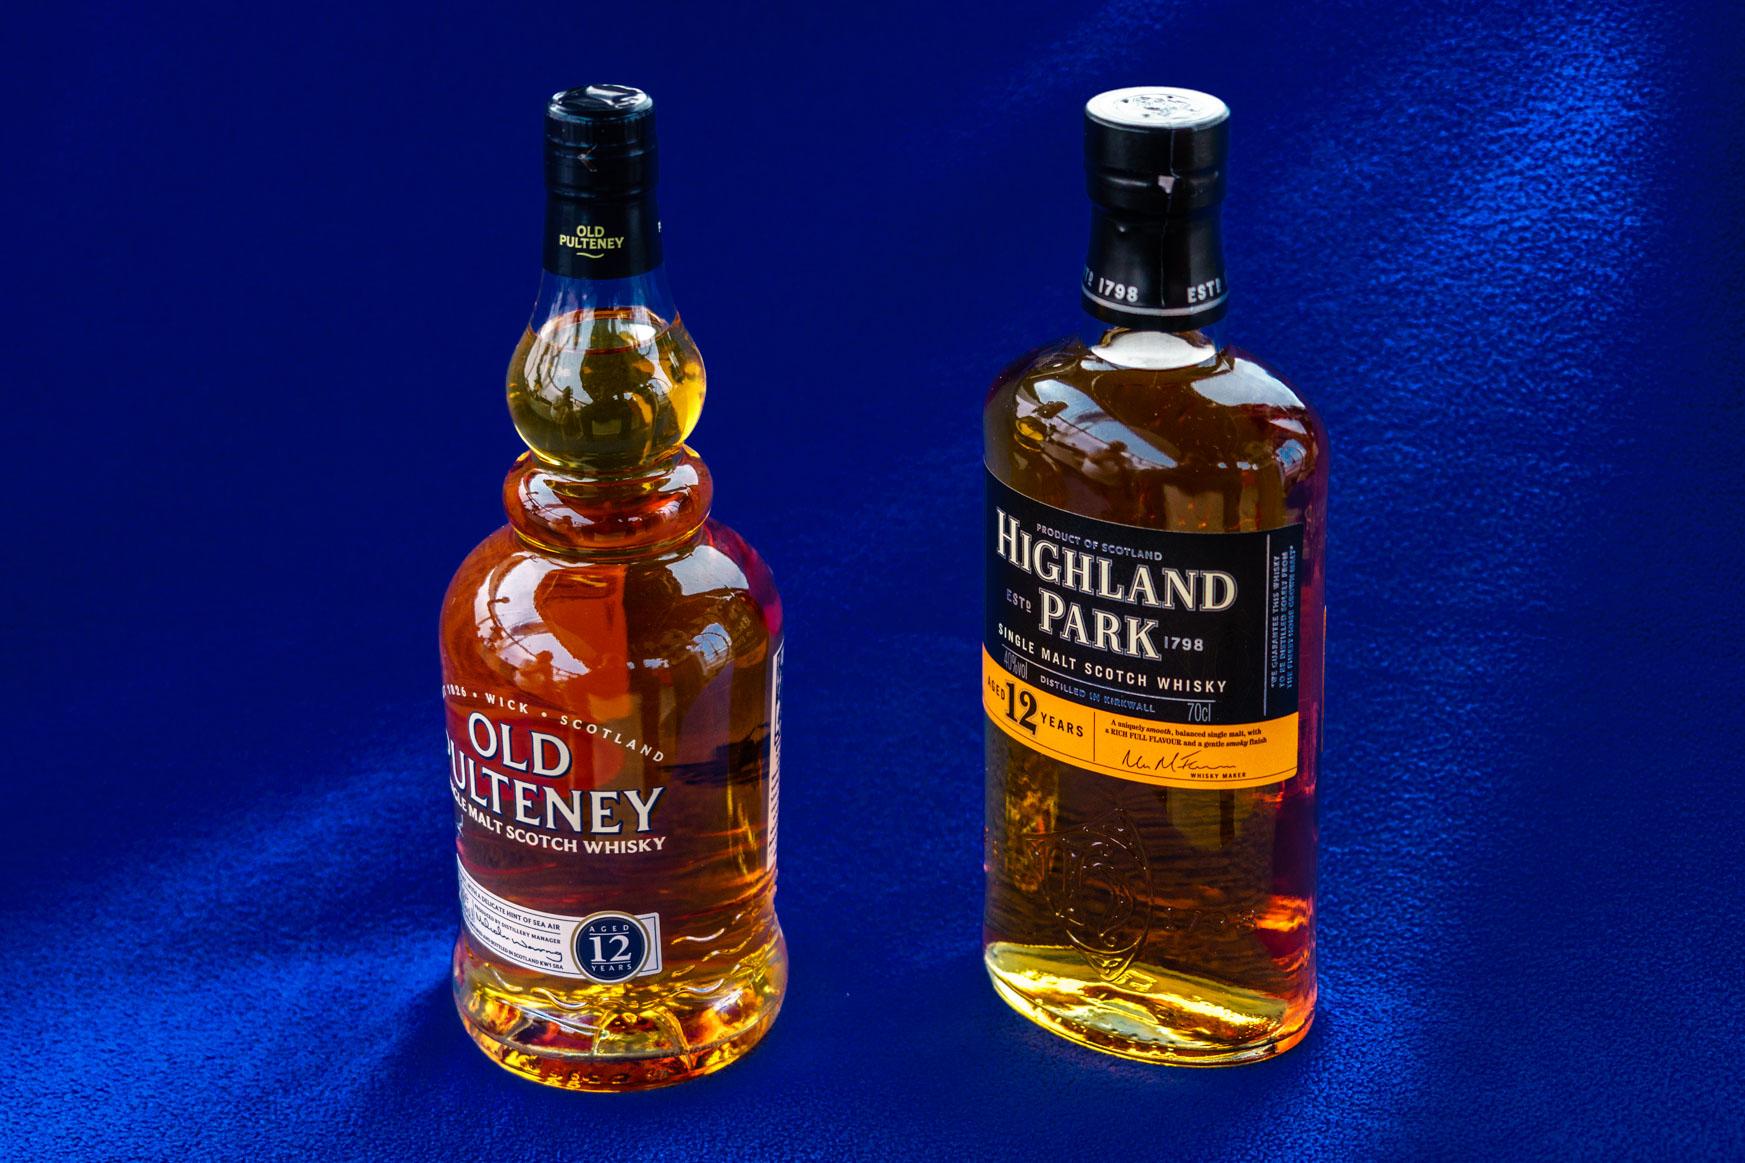 Old Pulteney und Highland Park Whisky